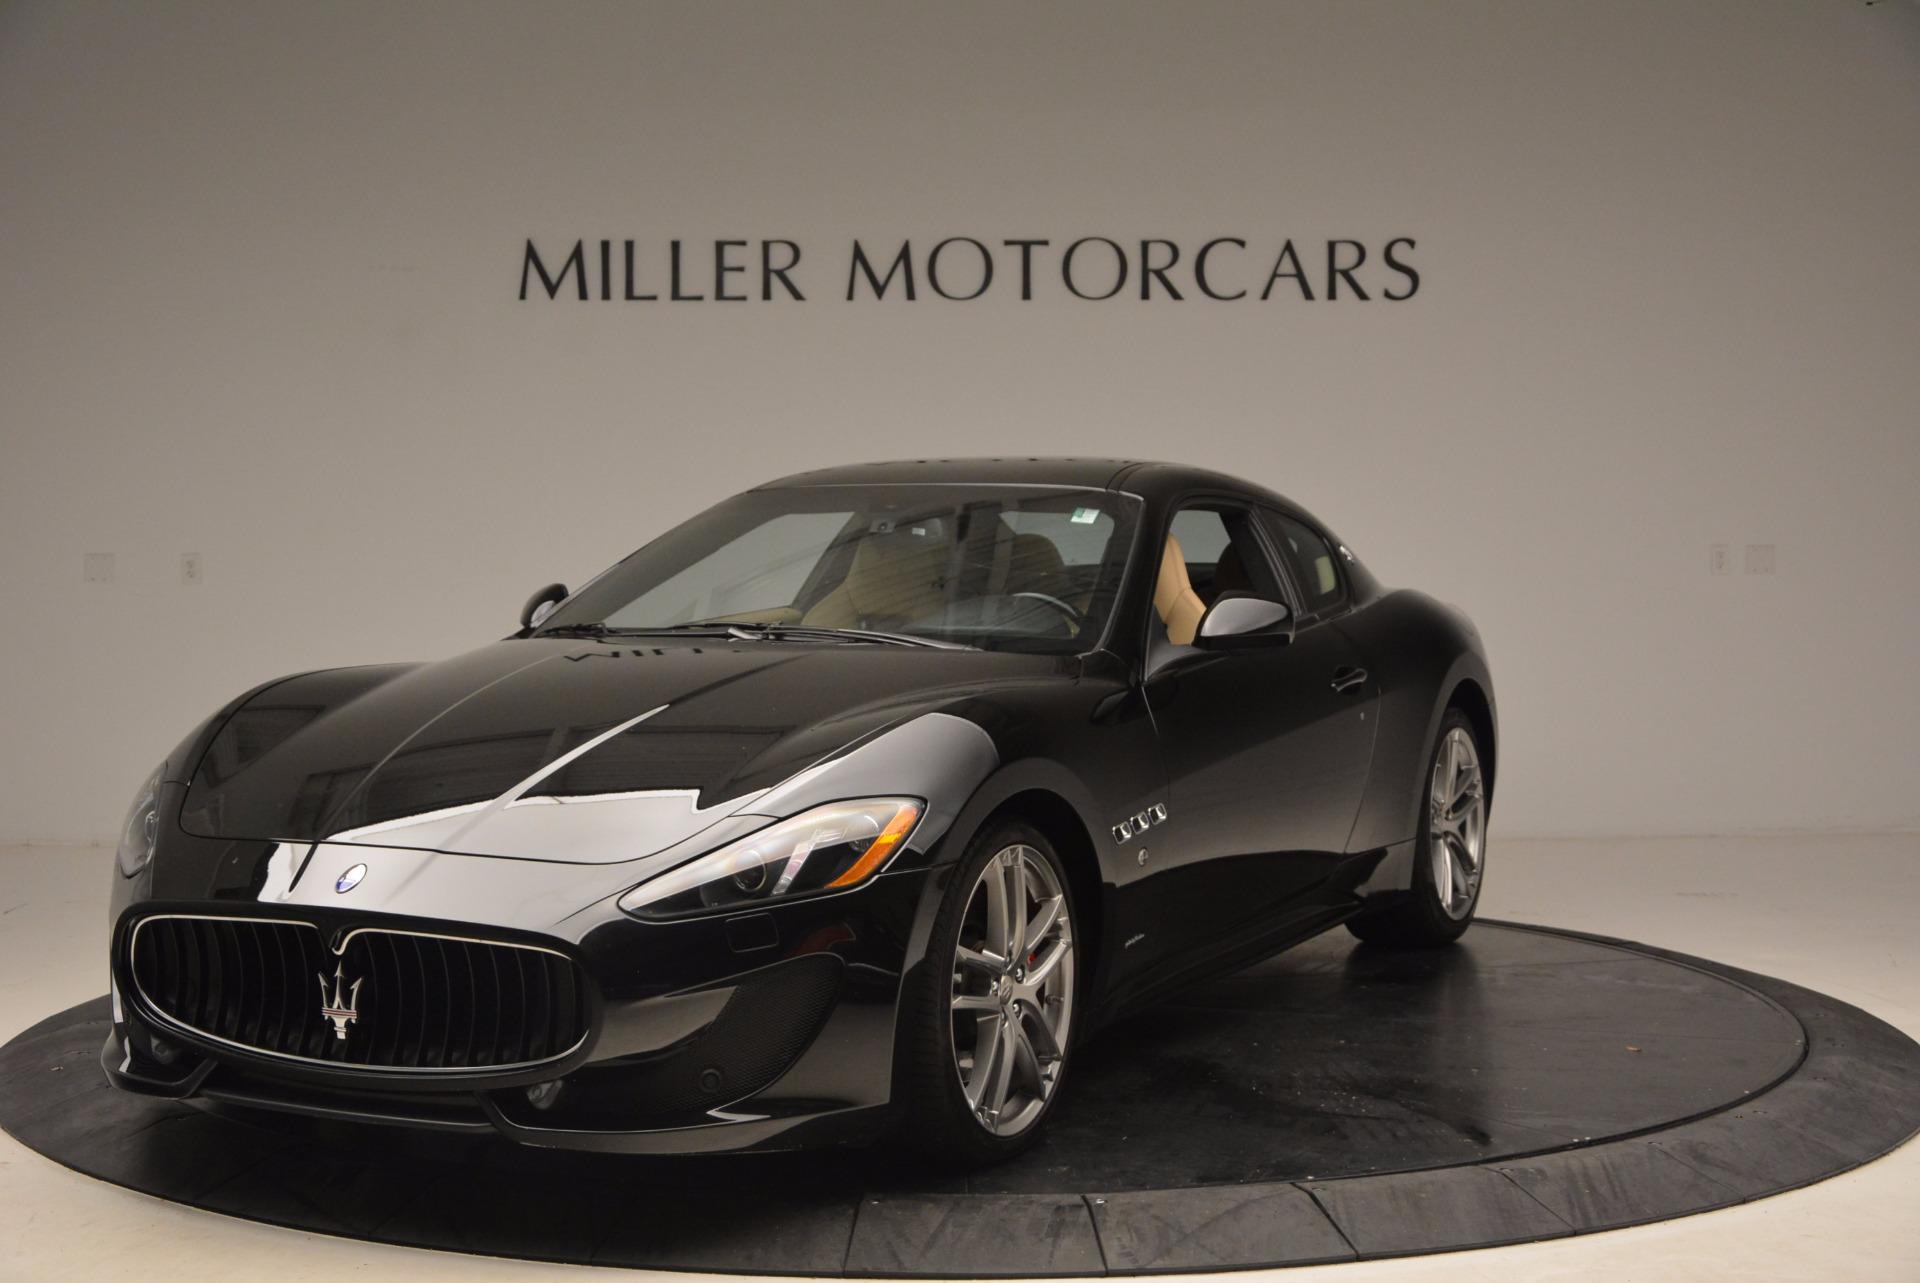 Used 2015 Maserati GranTurismo Sport Coupe for sale Sold at Bugatti of Greenwich in Greenwich CT 06830 1